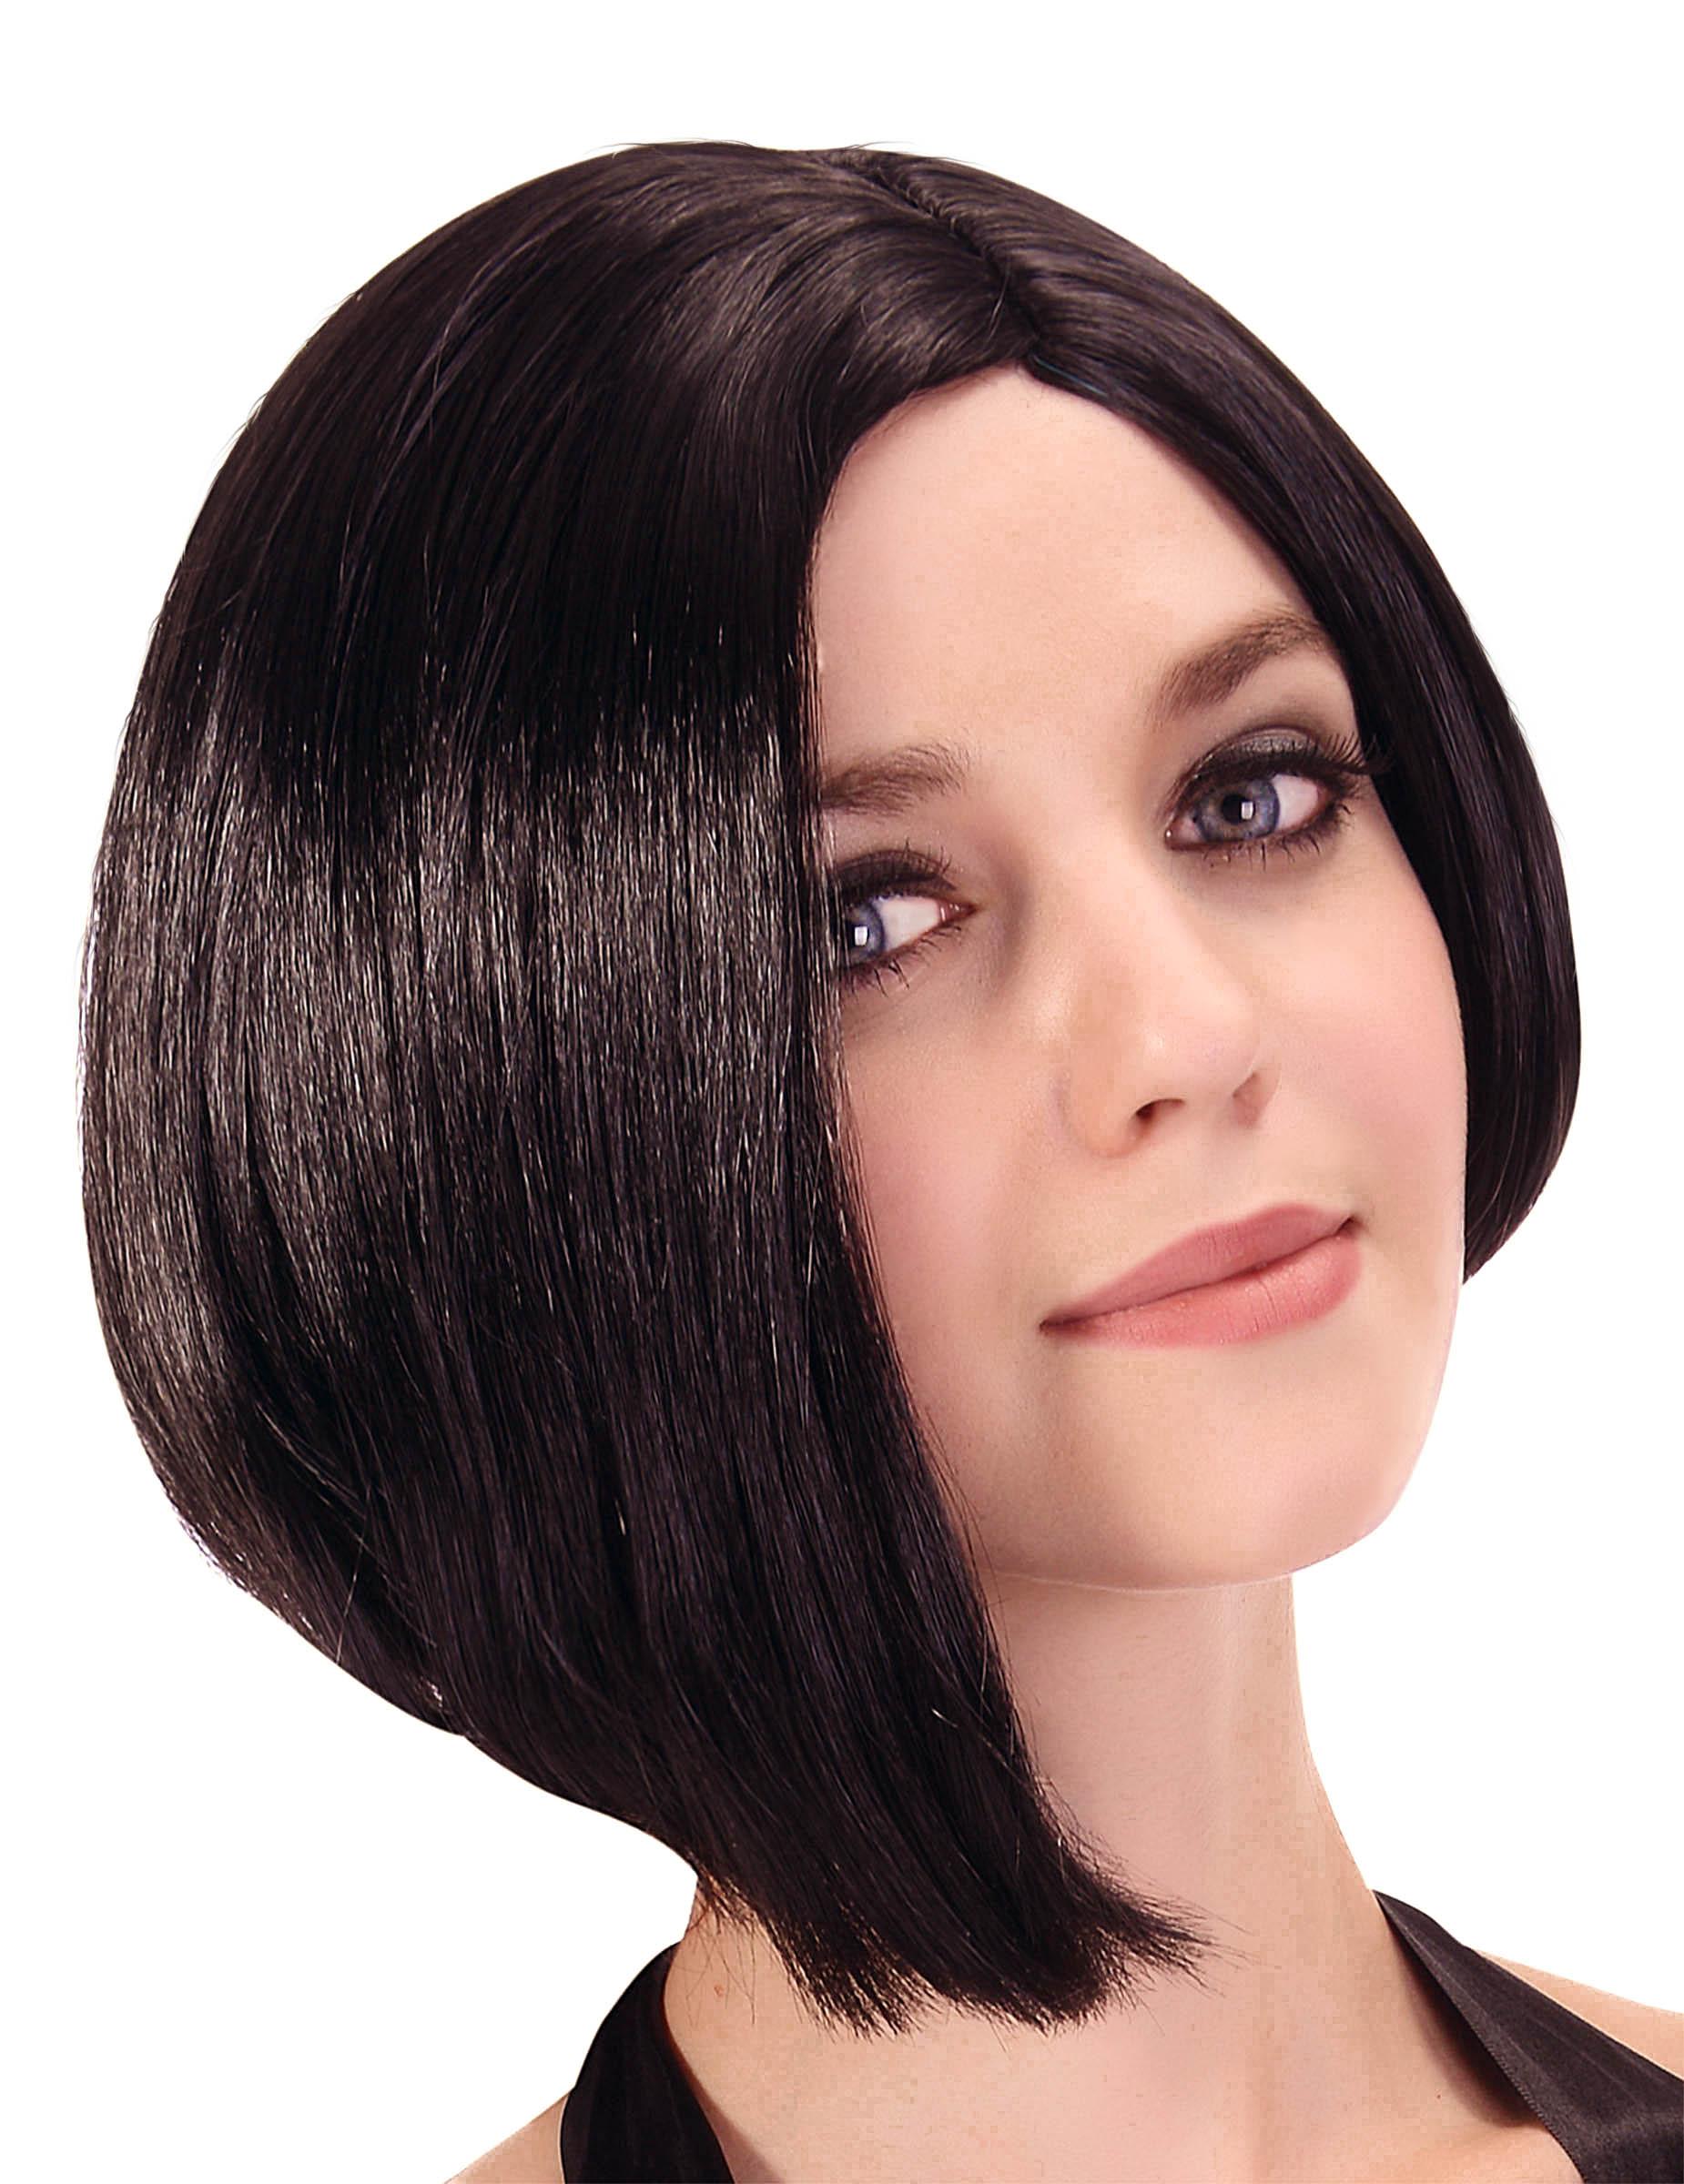 bob-frisur damenperücke schwarz , günstige faschings